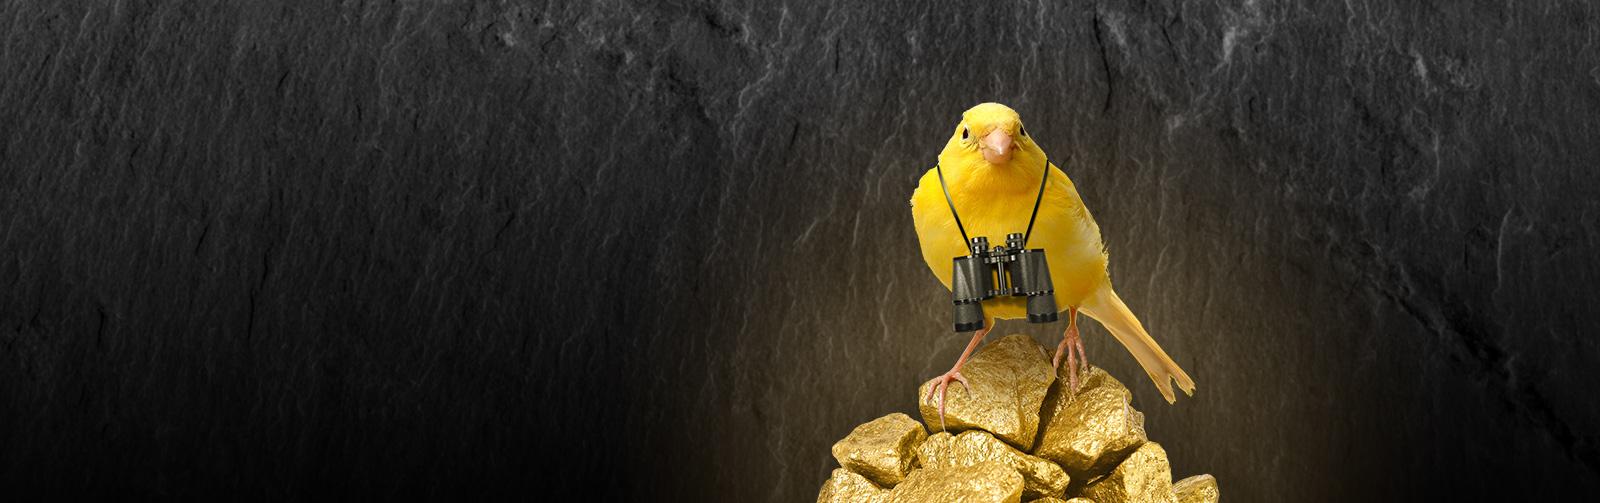 slide-canary1